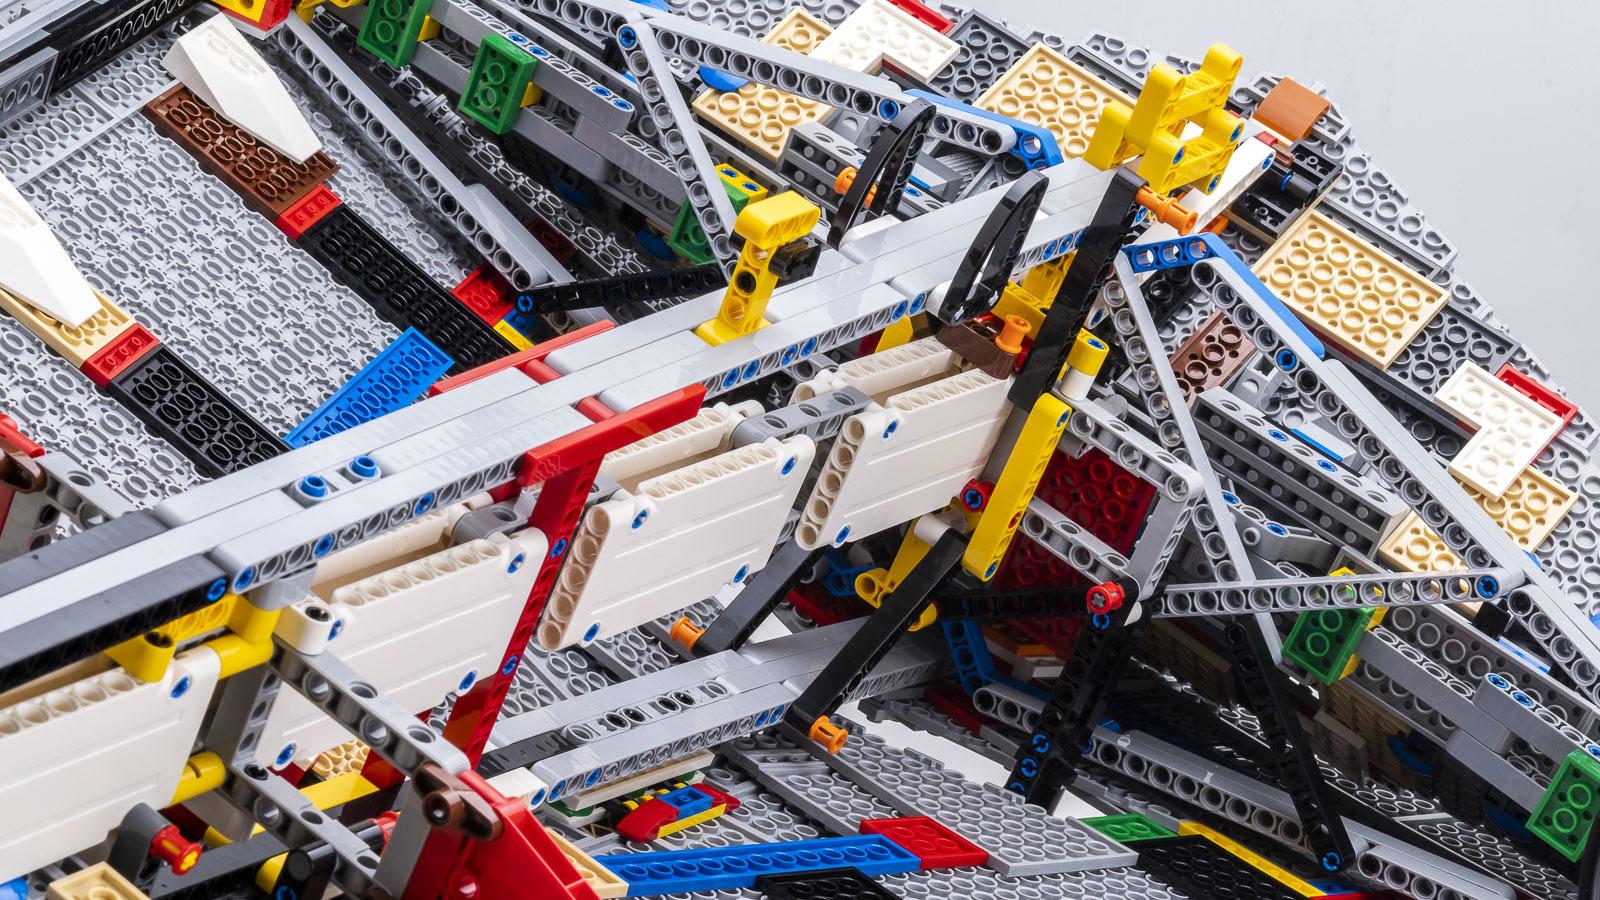 全長1mオーバー、LEGOで組む巨大なスター・デストロイヤーに本物の「優しさ」を感じた話_b0029315_18113972.jpg